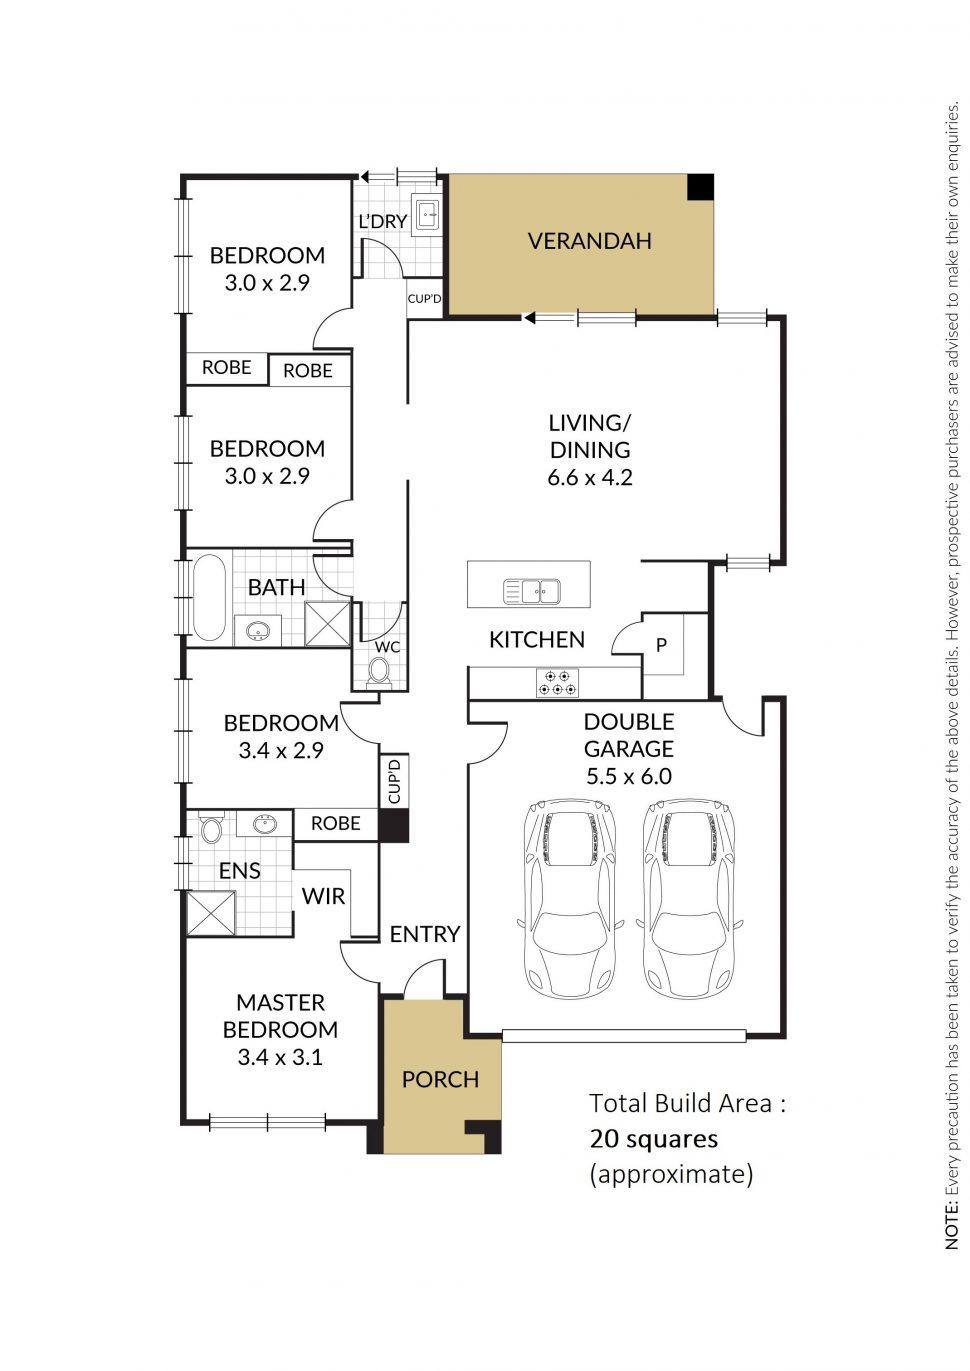 33804391 1624925693 30993 13 Orientation Ave Tarneit Floor Plan